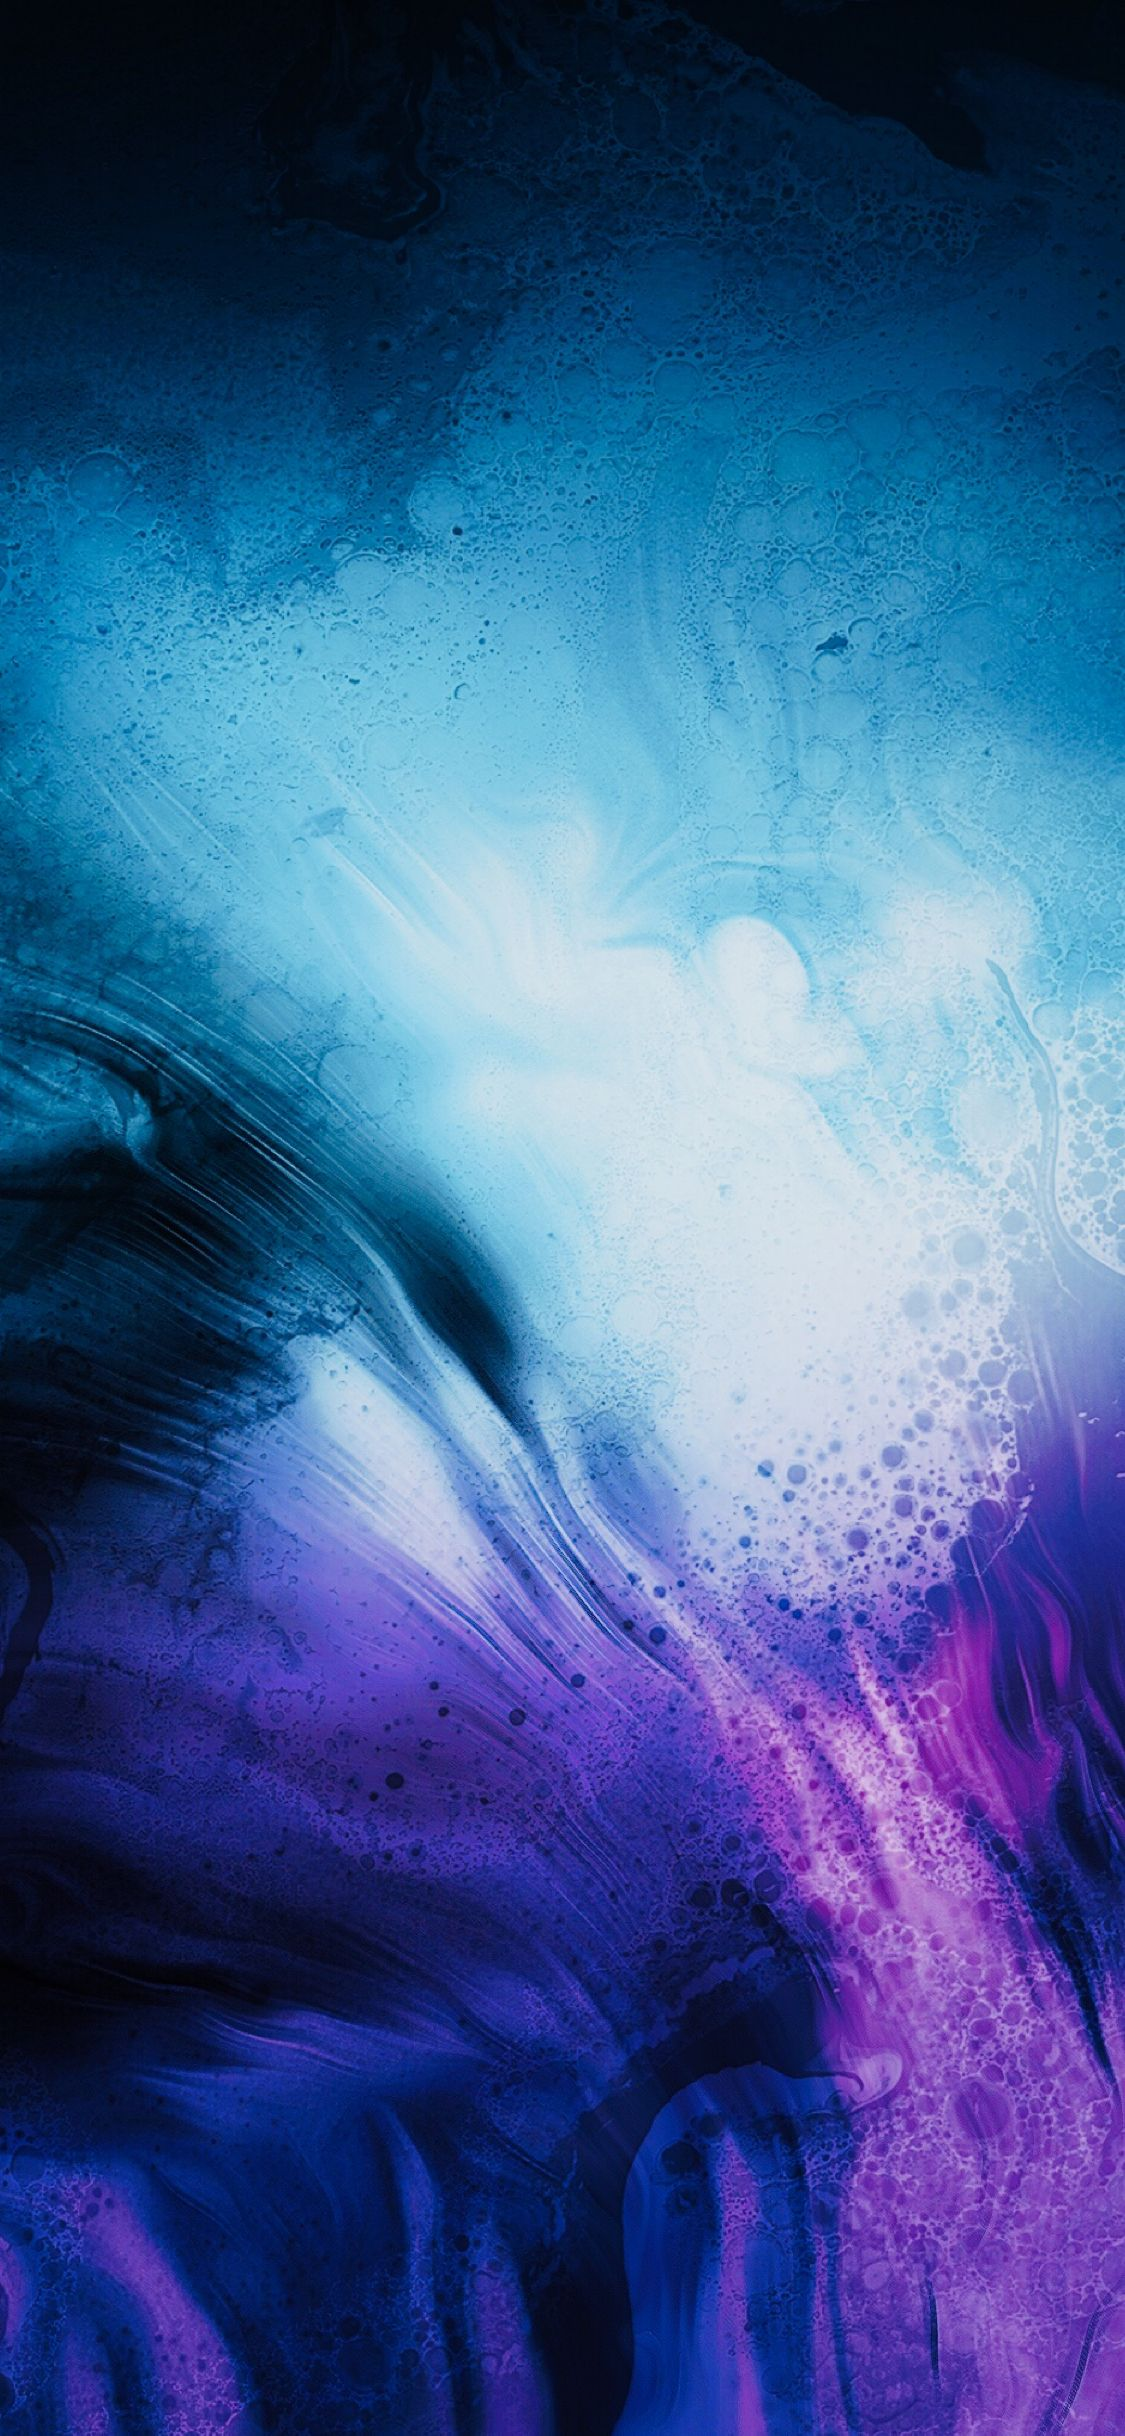 A blend of blue and purple   Amazing   Fundos iphone, Papeis de parede, Planos de fundo